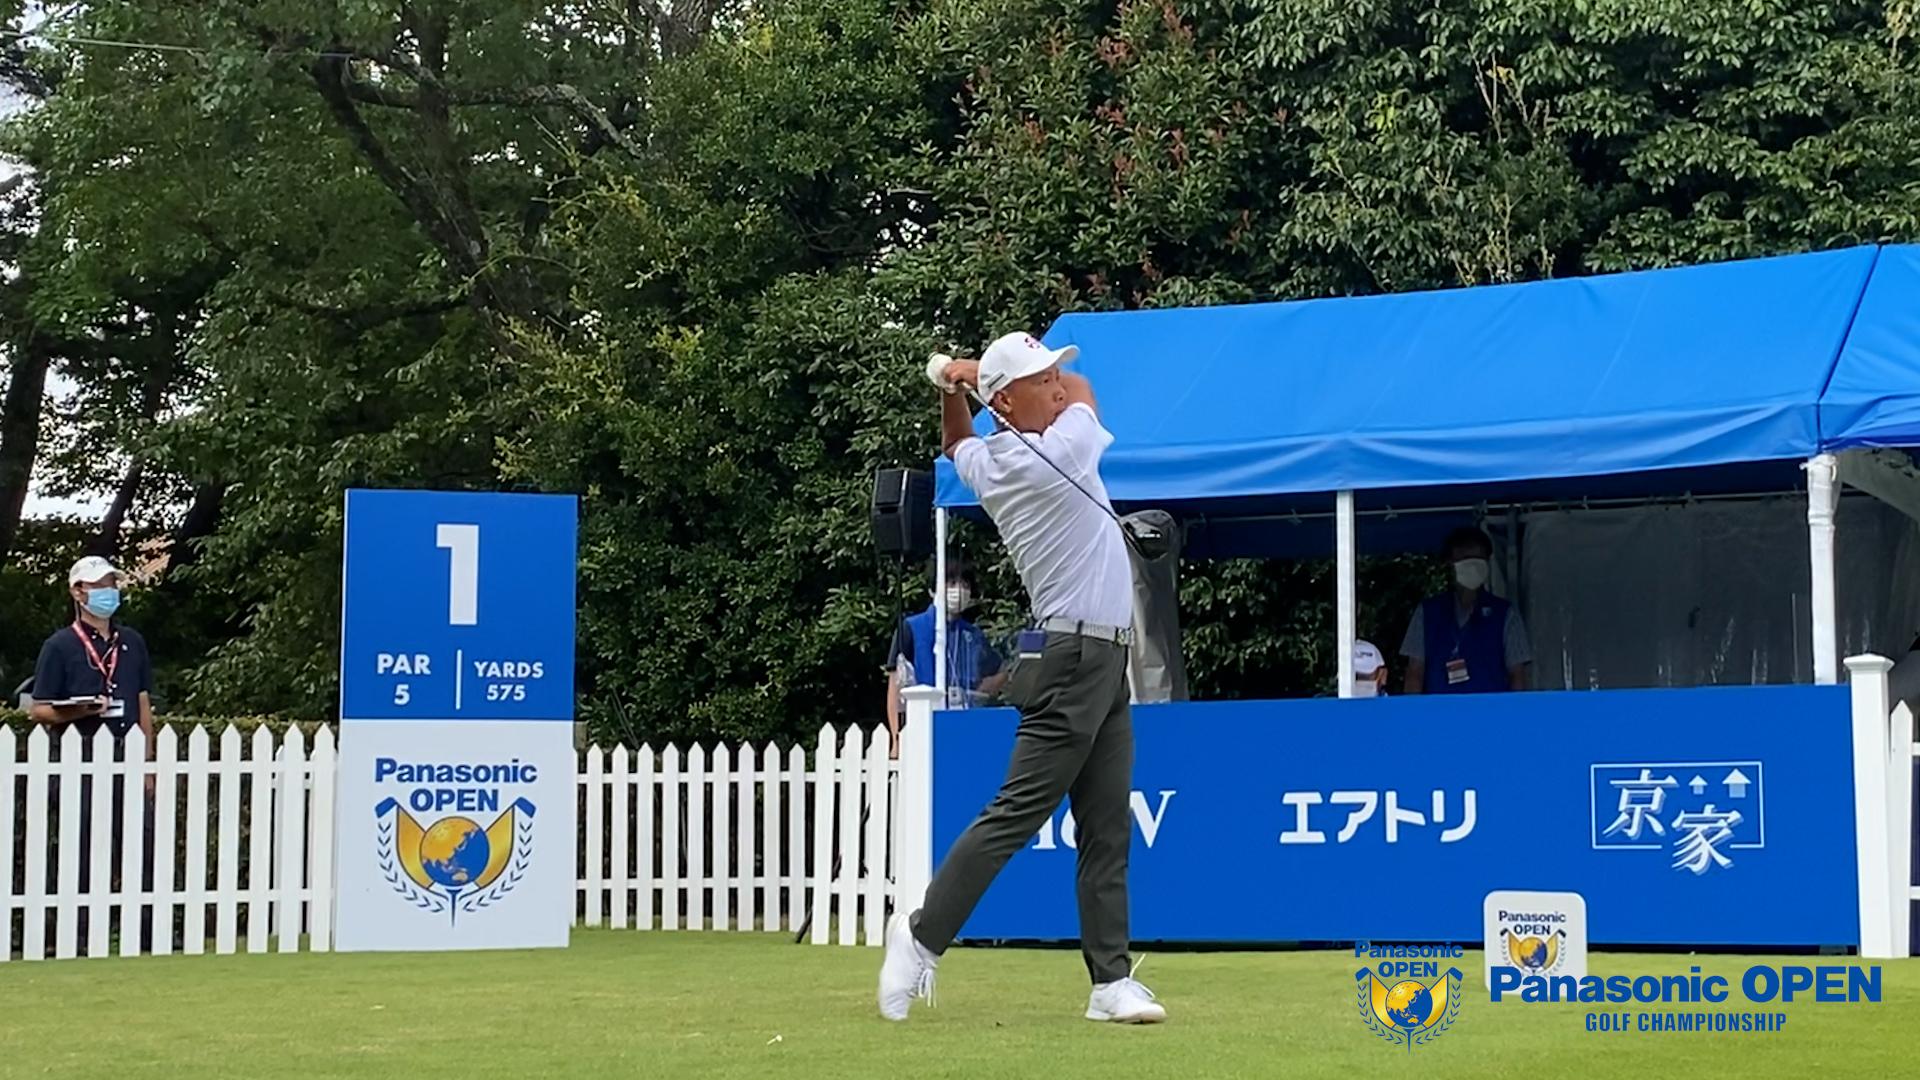 【男子ゴルフ】富村真治、内藤寛太郎、T・シノットのスタートホールティショット!パナソニックオープン ゴルフチャンピオンシップ 2nd Round